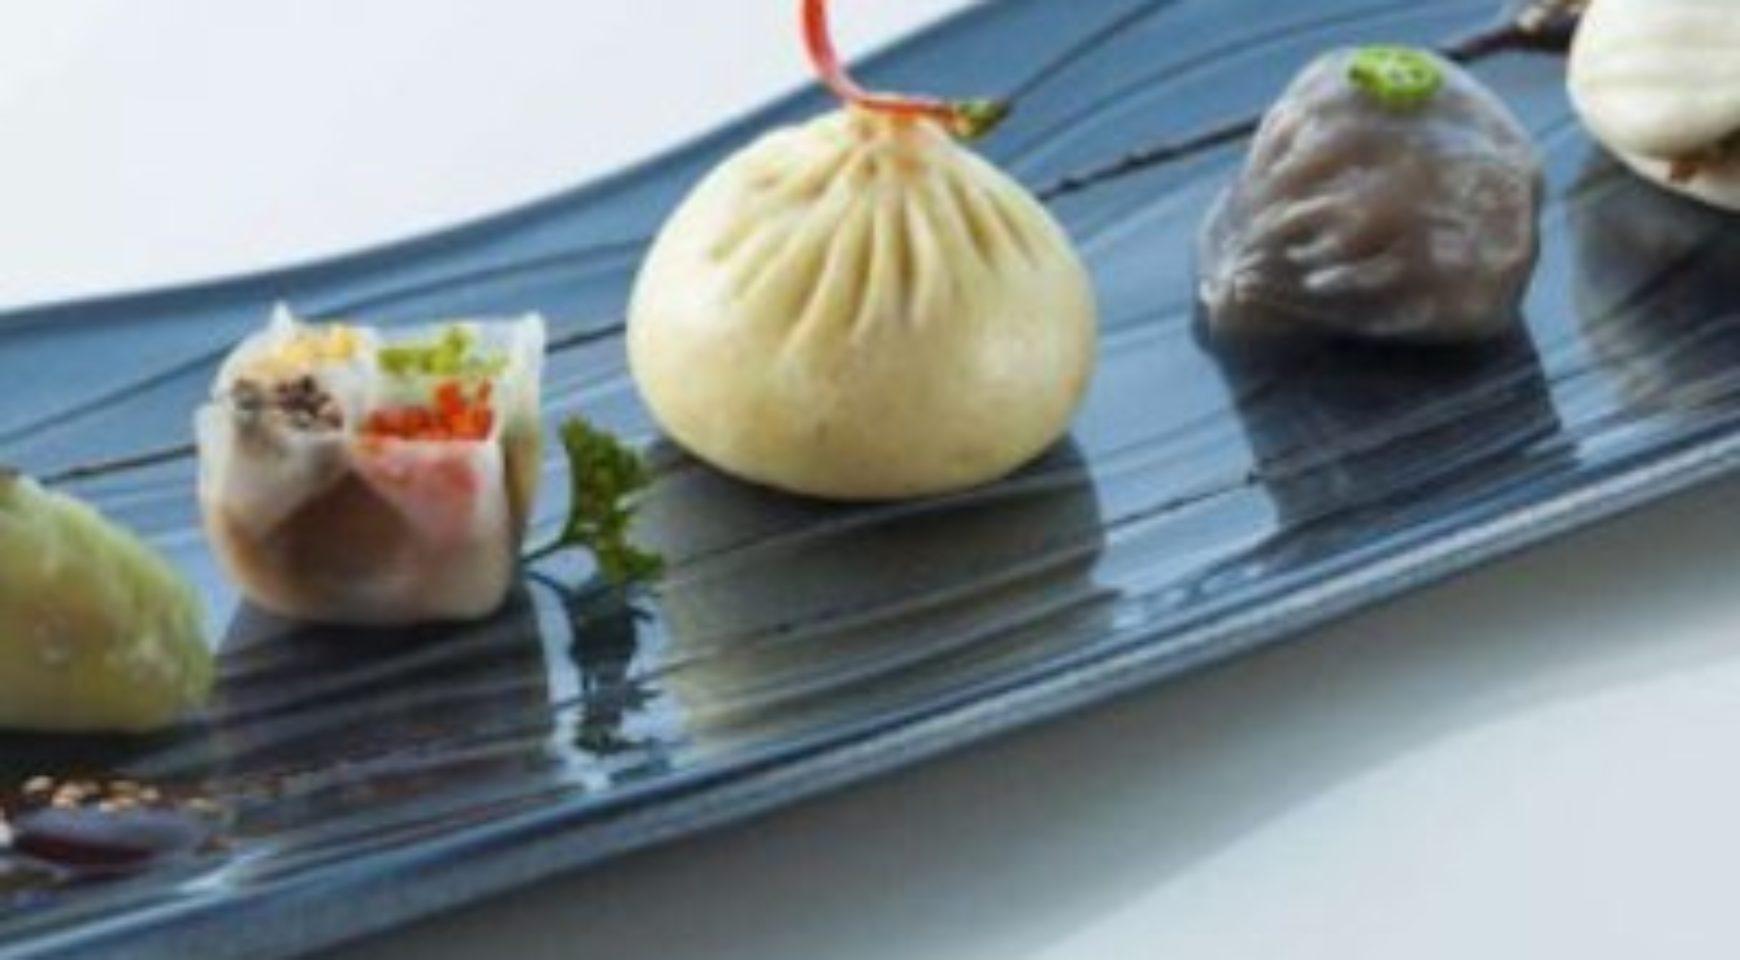 Umai | | Dubai Restaurants Guide